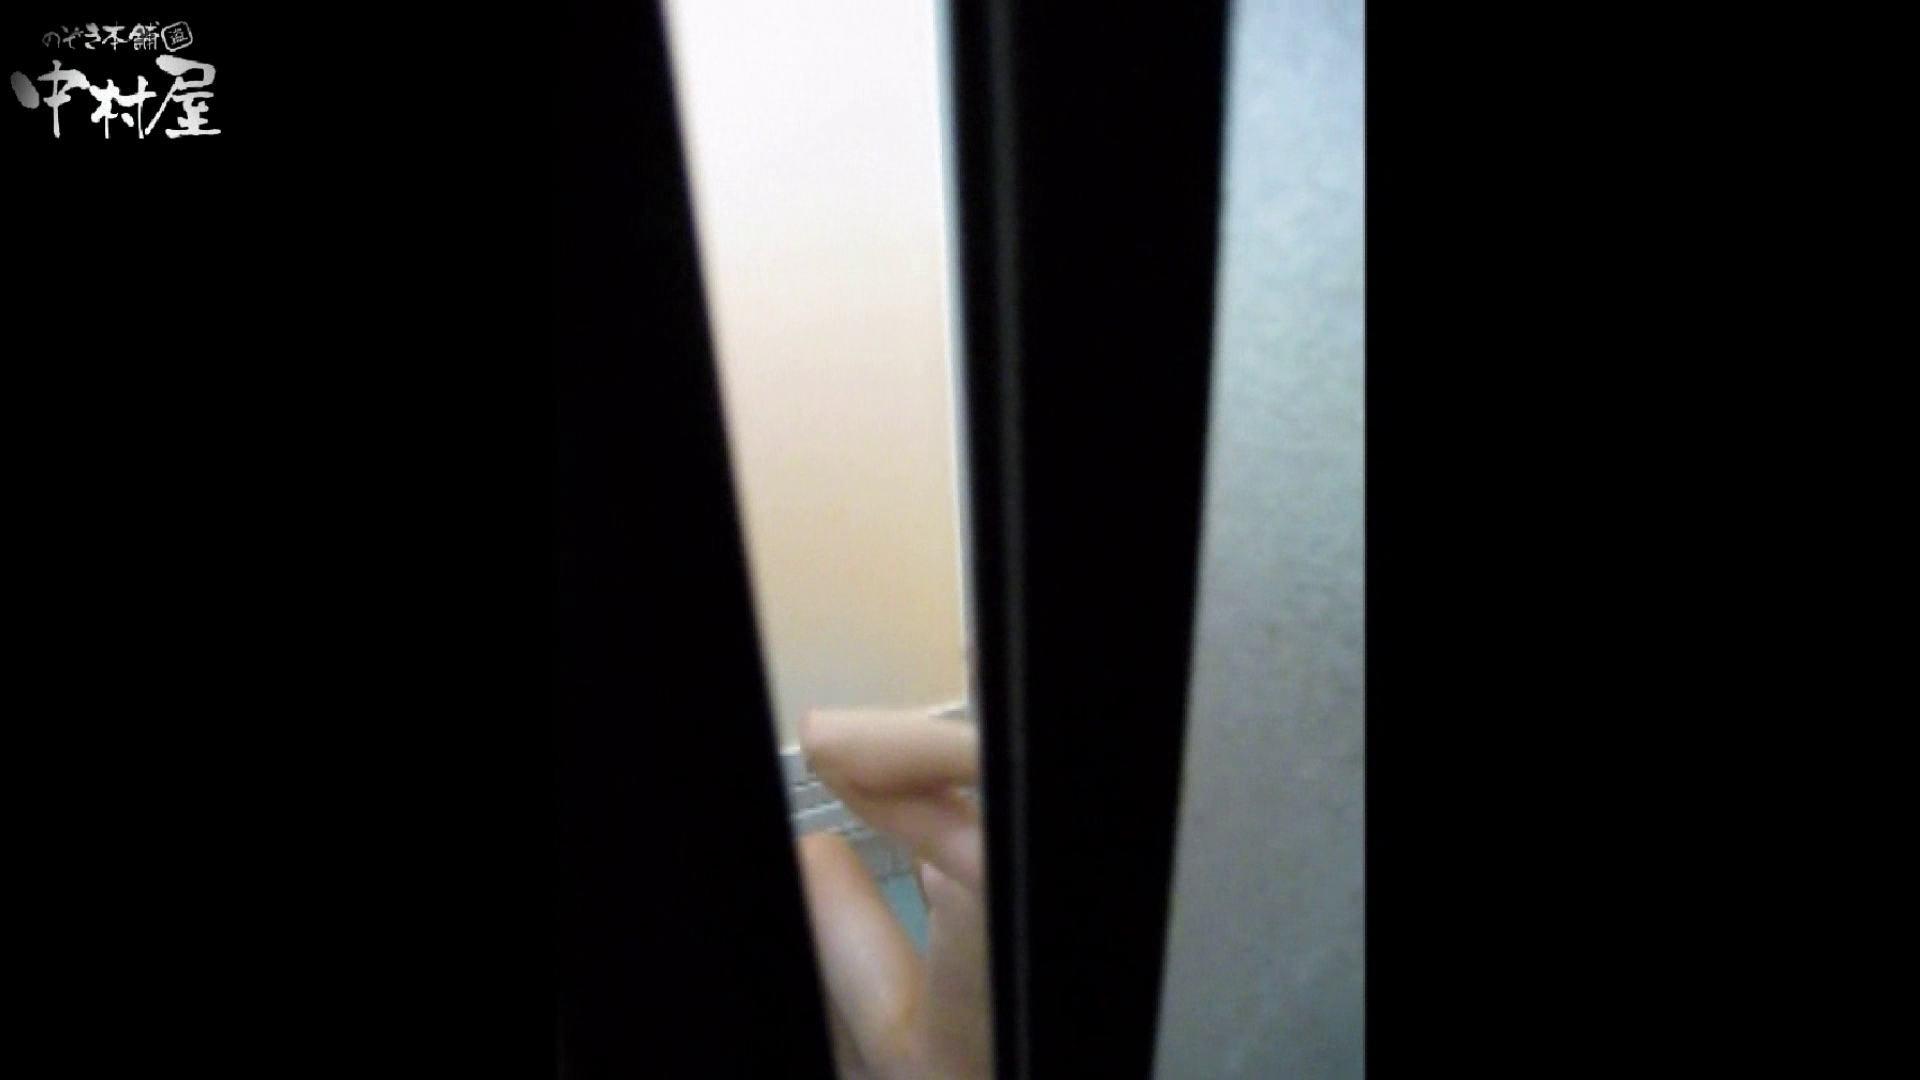 民家風呂専門盗撮師の超危険映像 vol.006 エロい美少女 ヌード画像 88PIX 64